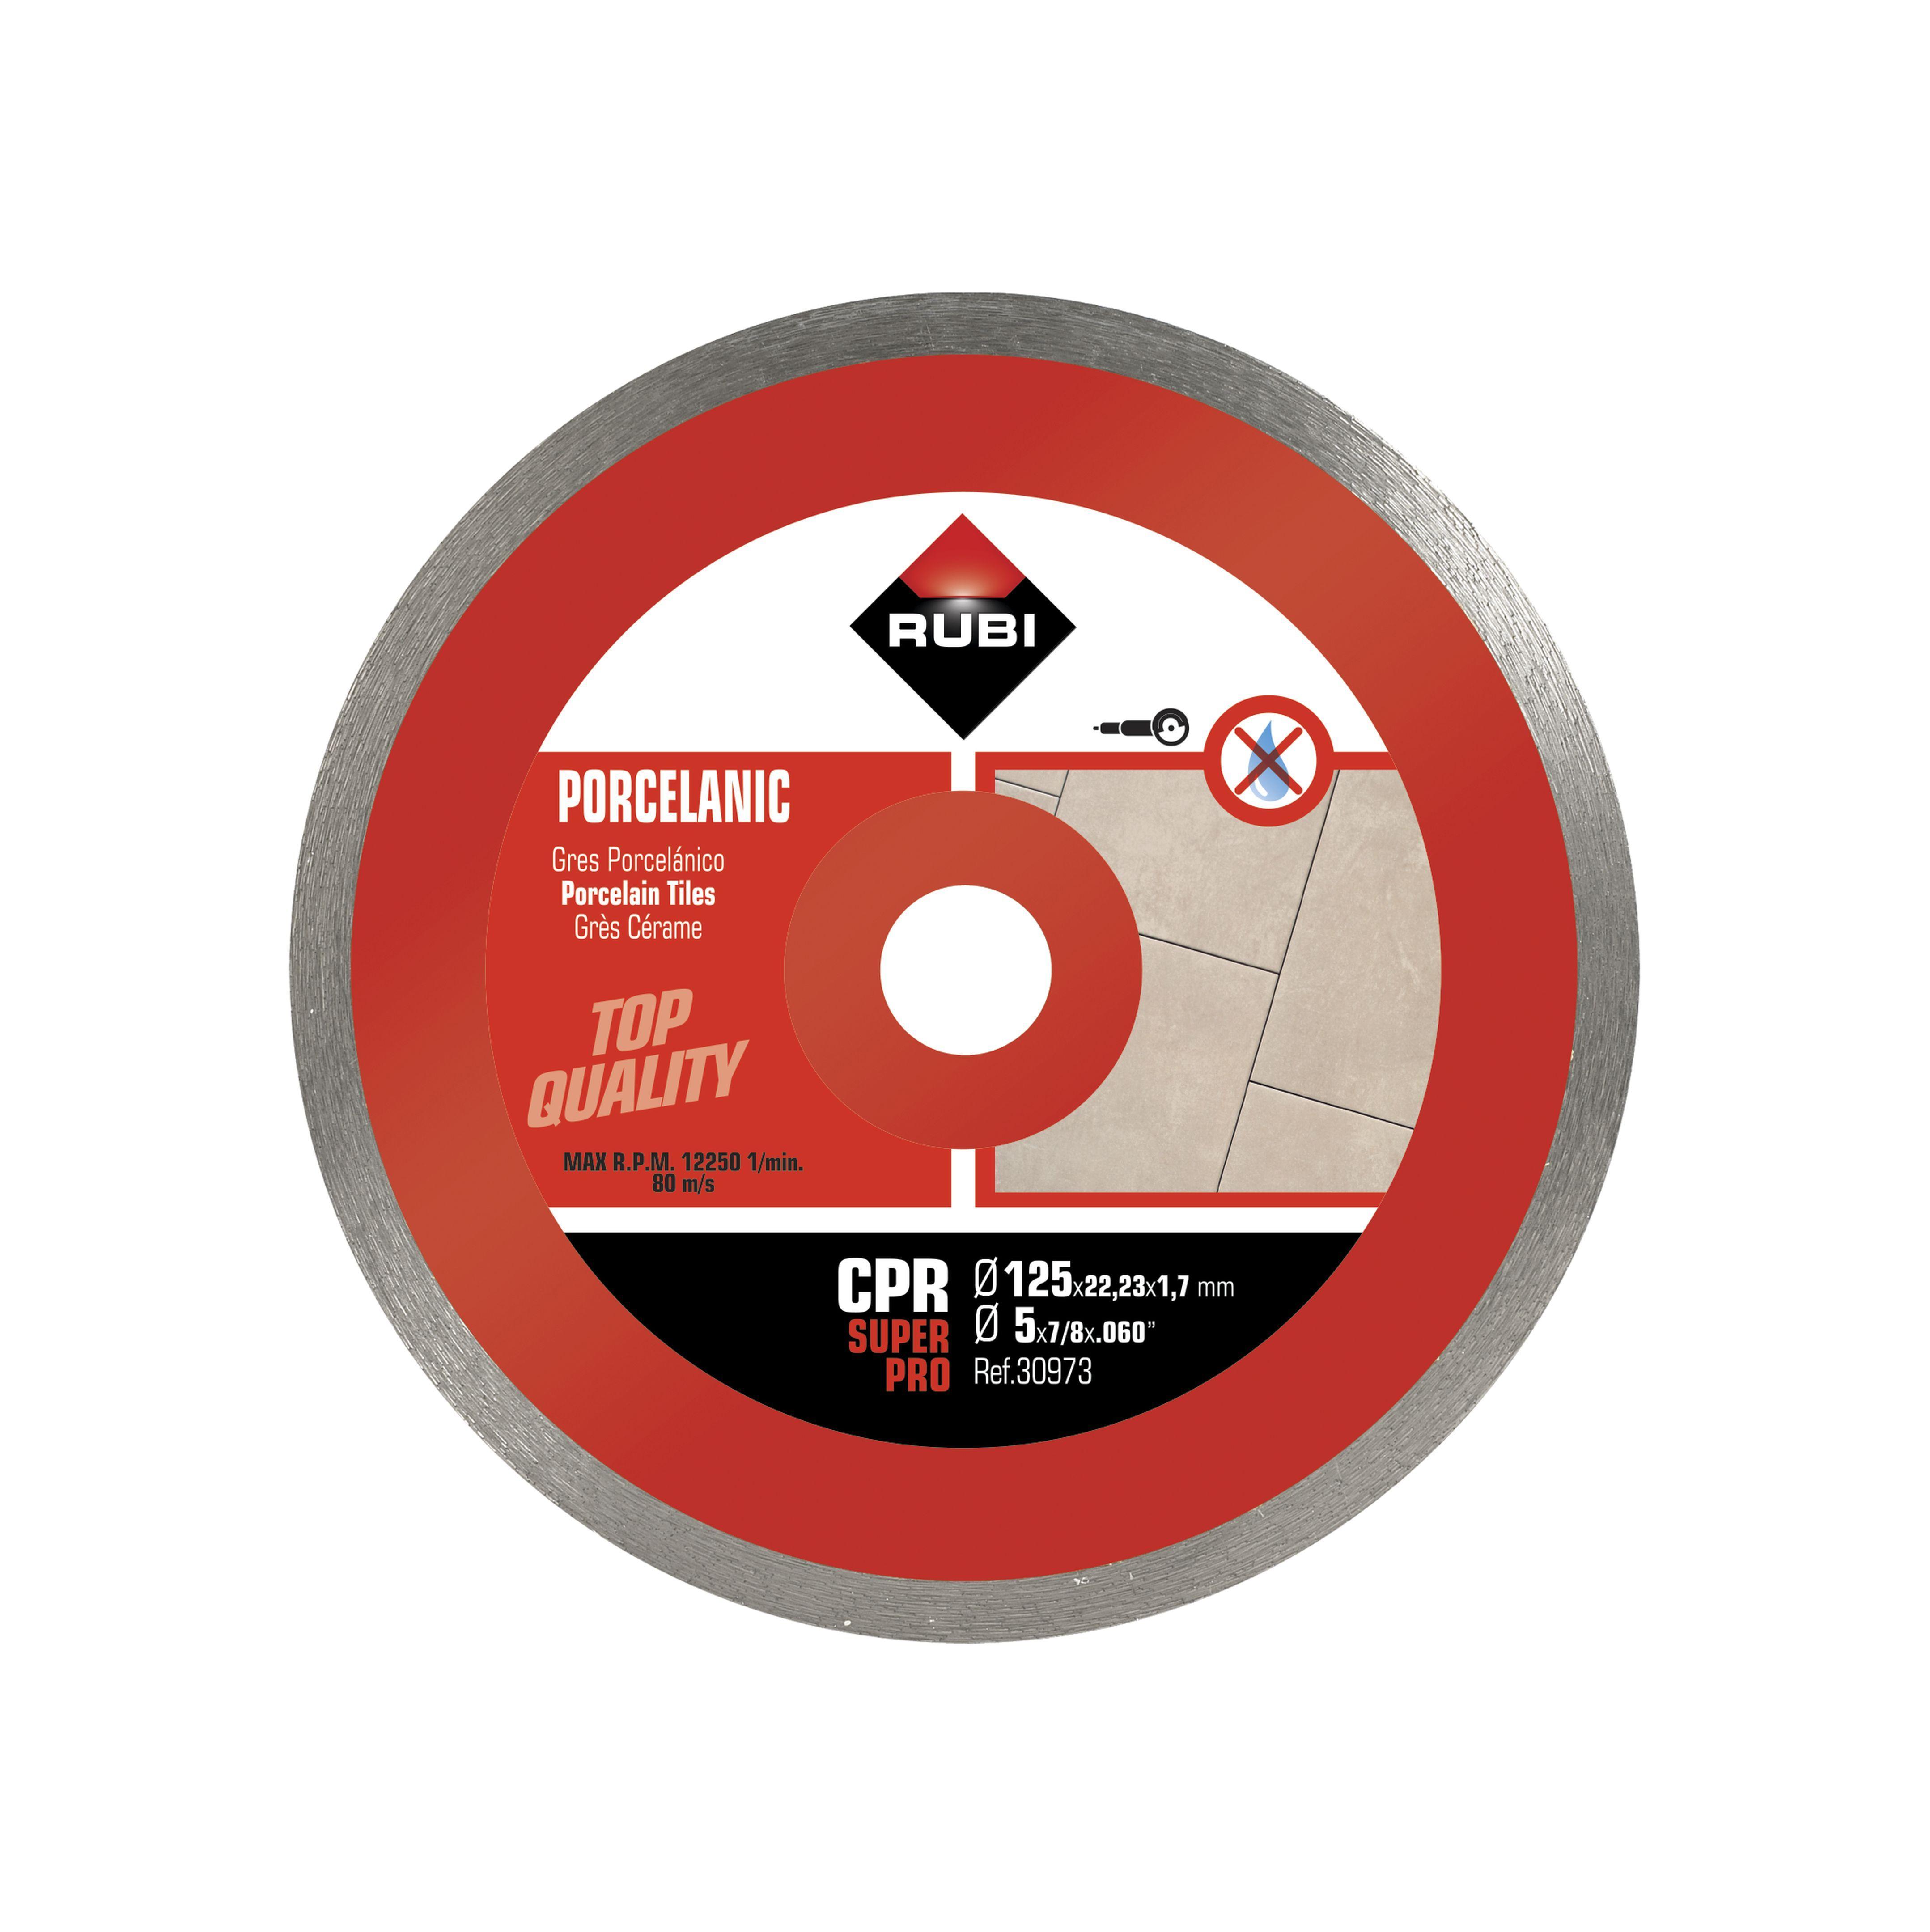 Rubi 30973 - CPR-125 Super Pro Continuous Porcelain Tiles Diamond Blade 125mm